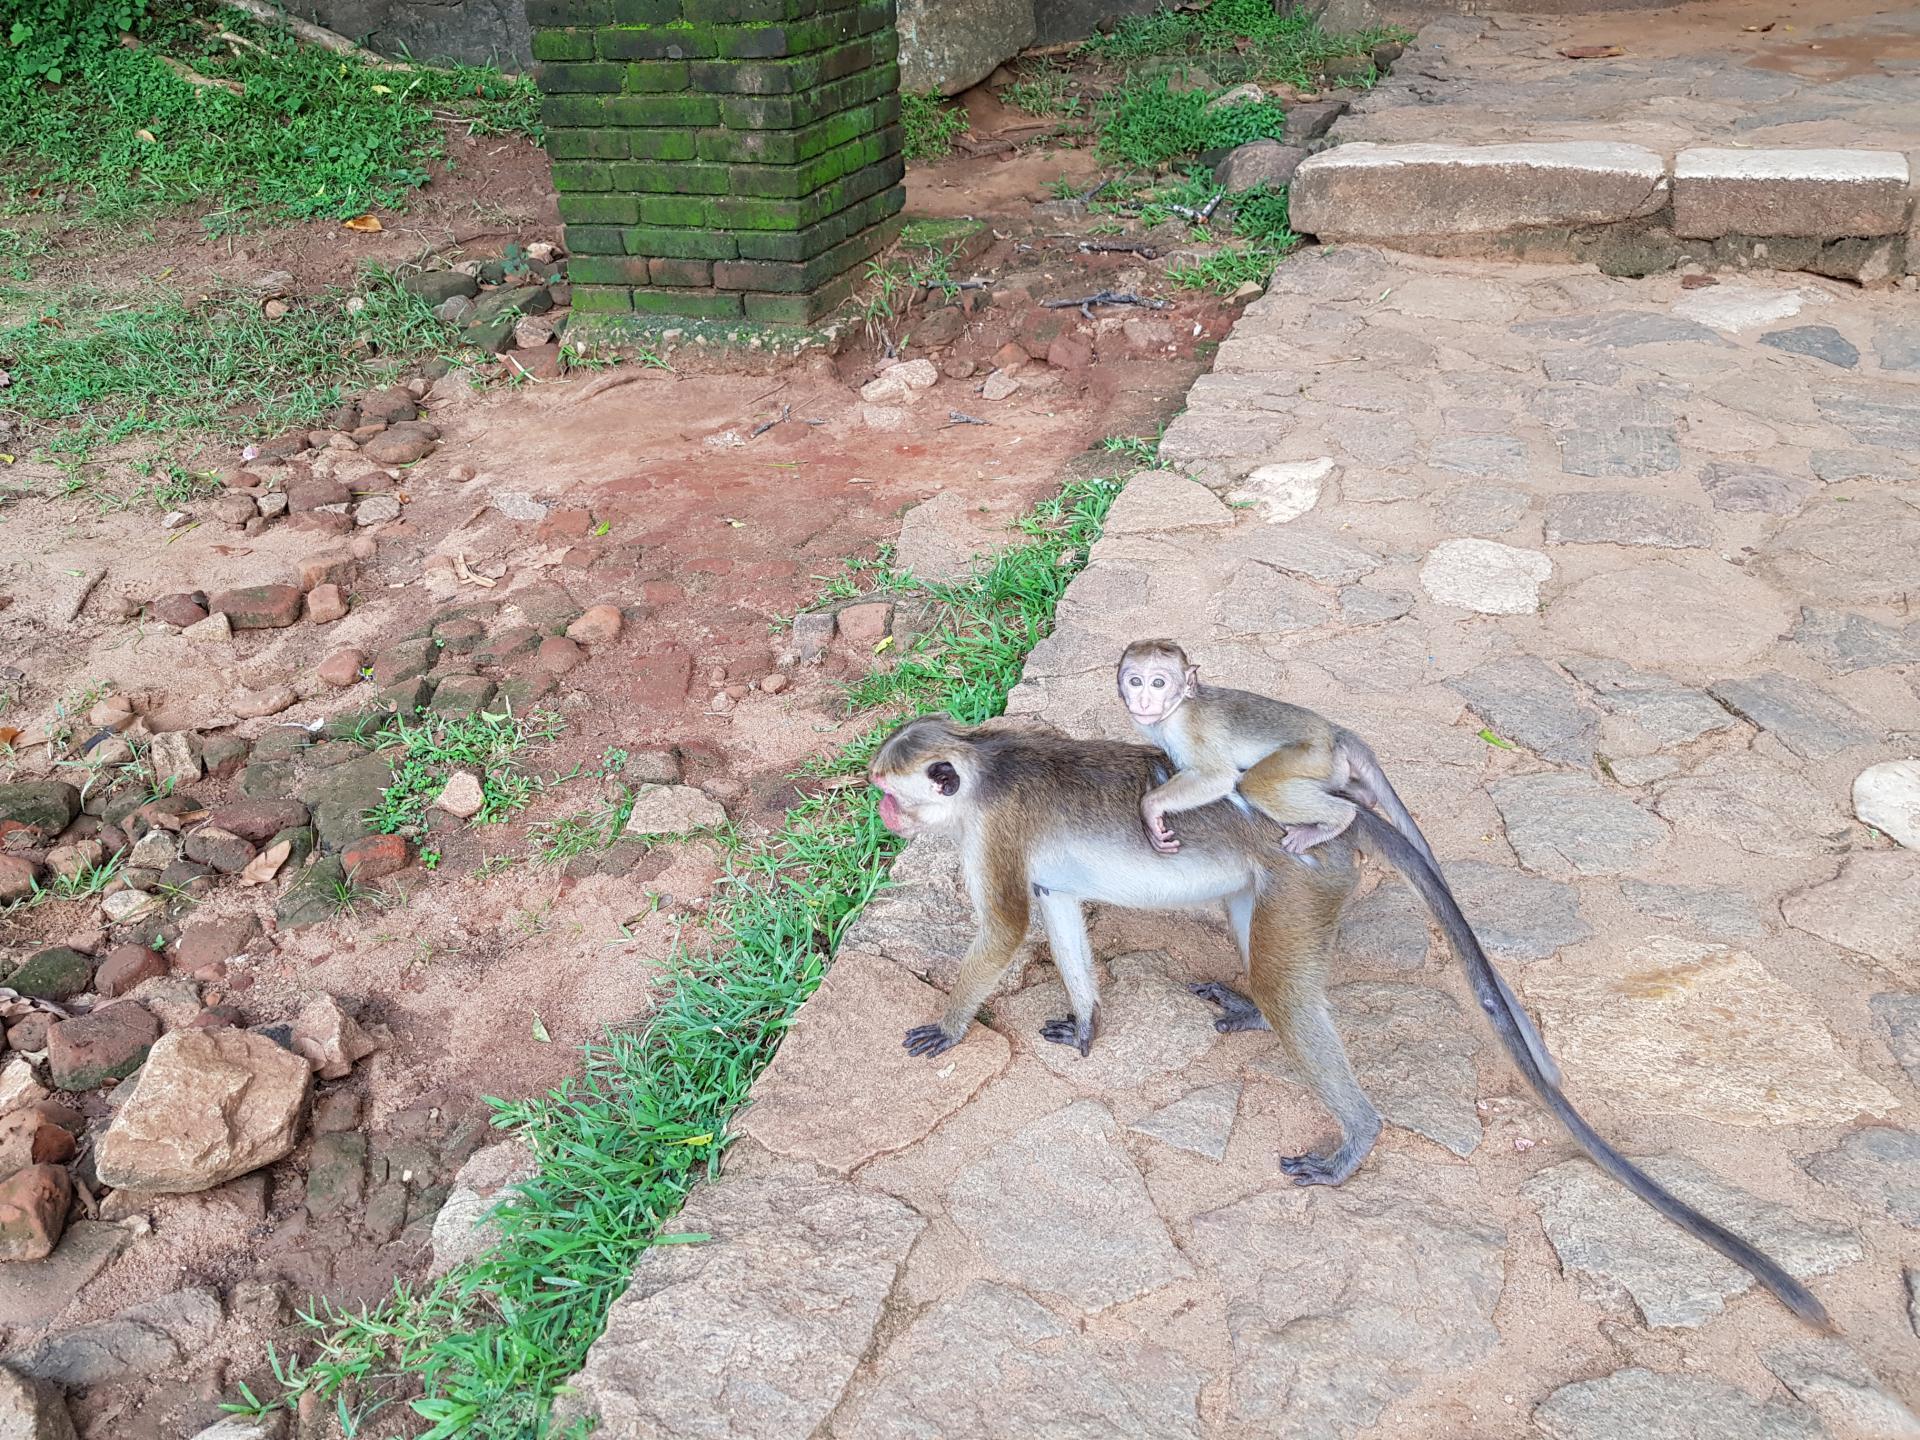 Обезьяна с детенышем, Шри-Ланка